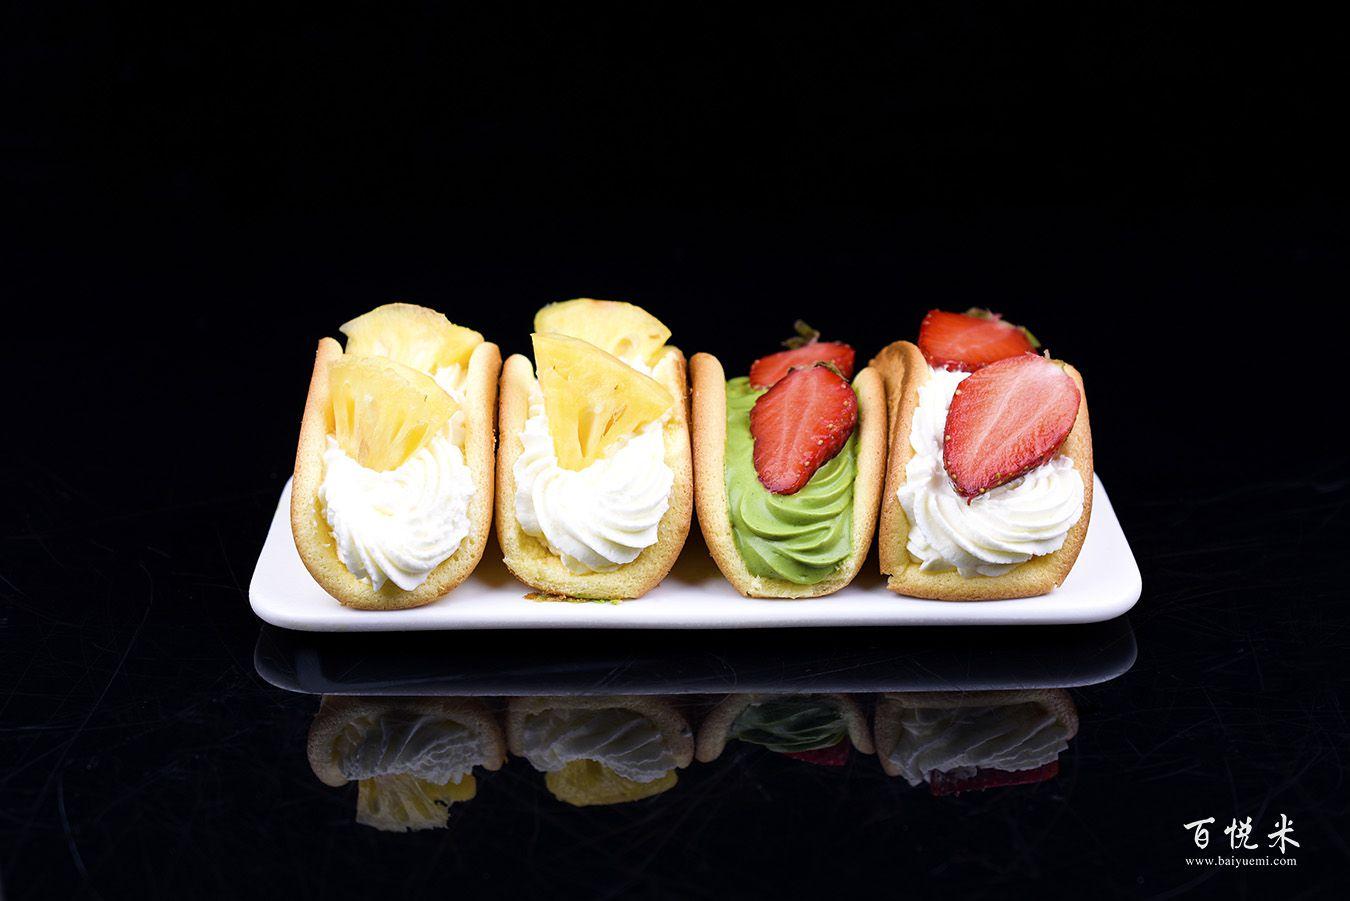 草莓抱抱卷高清图片大全【蛋糕图片】